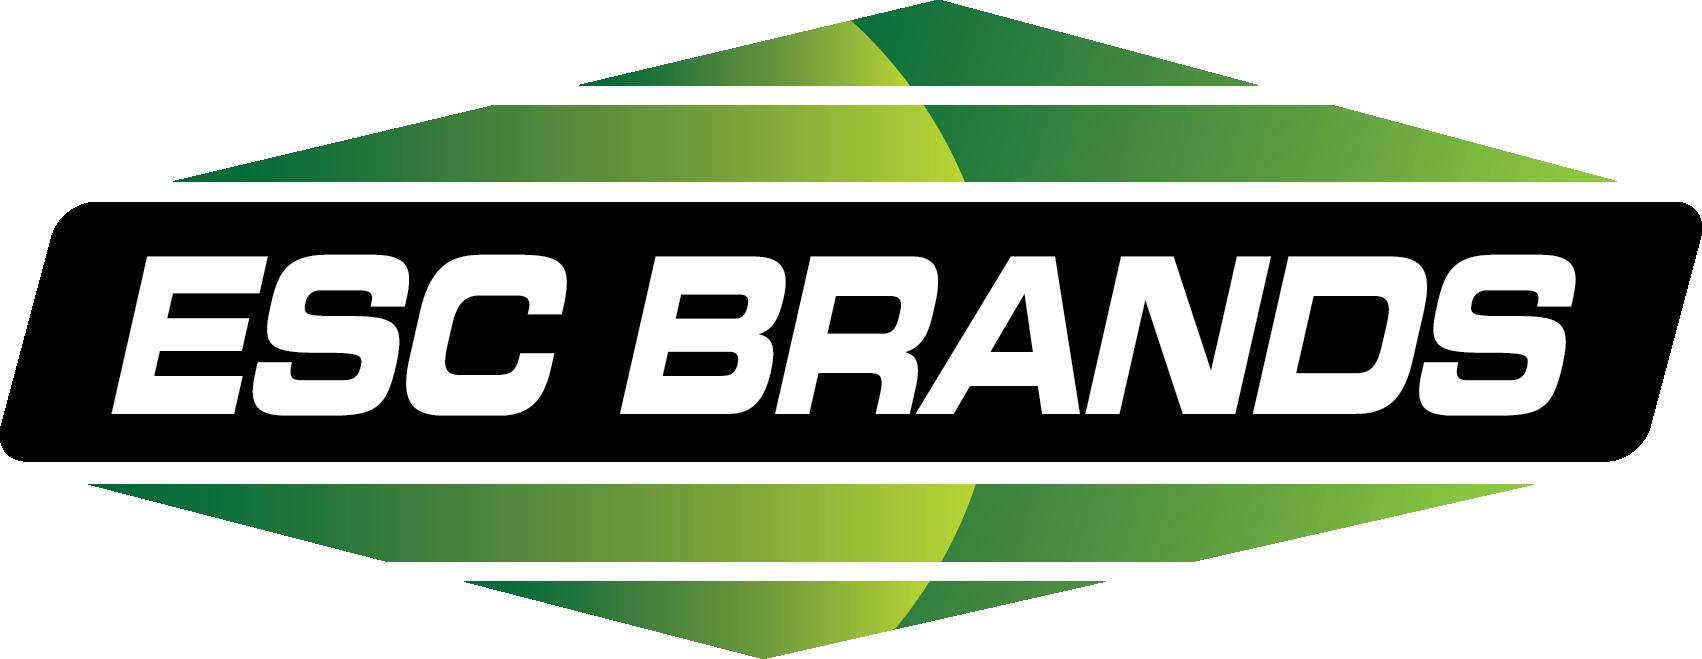 ESC BRANDS